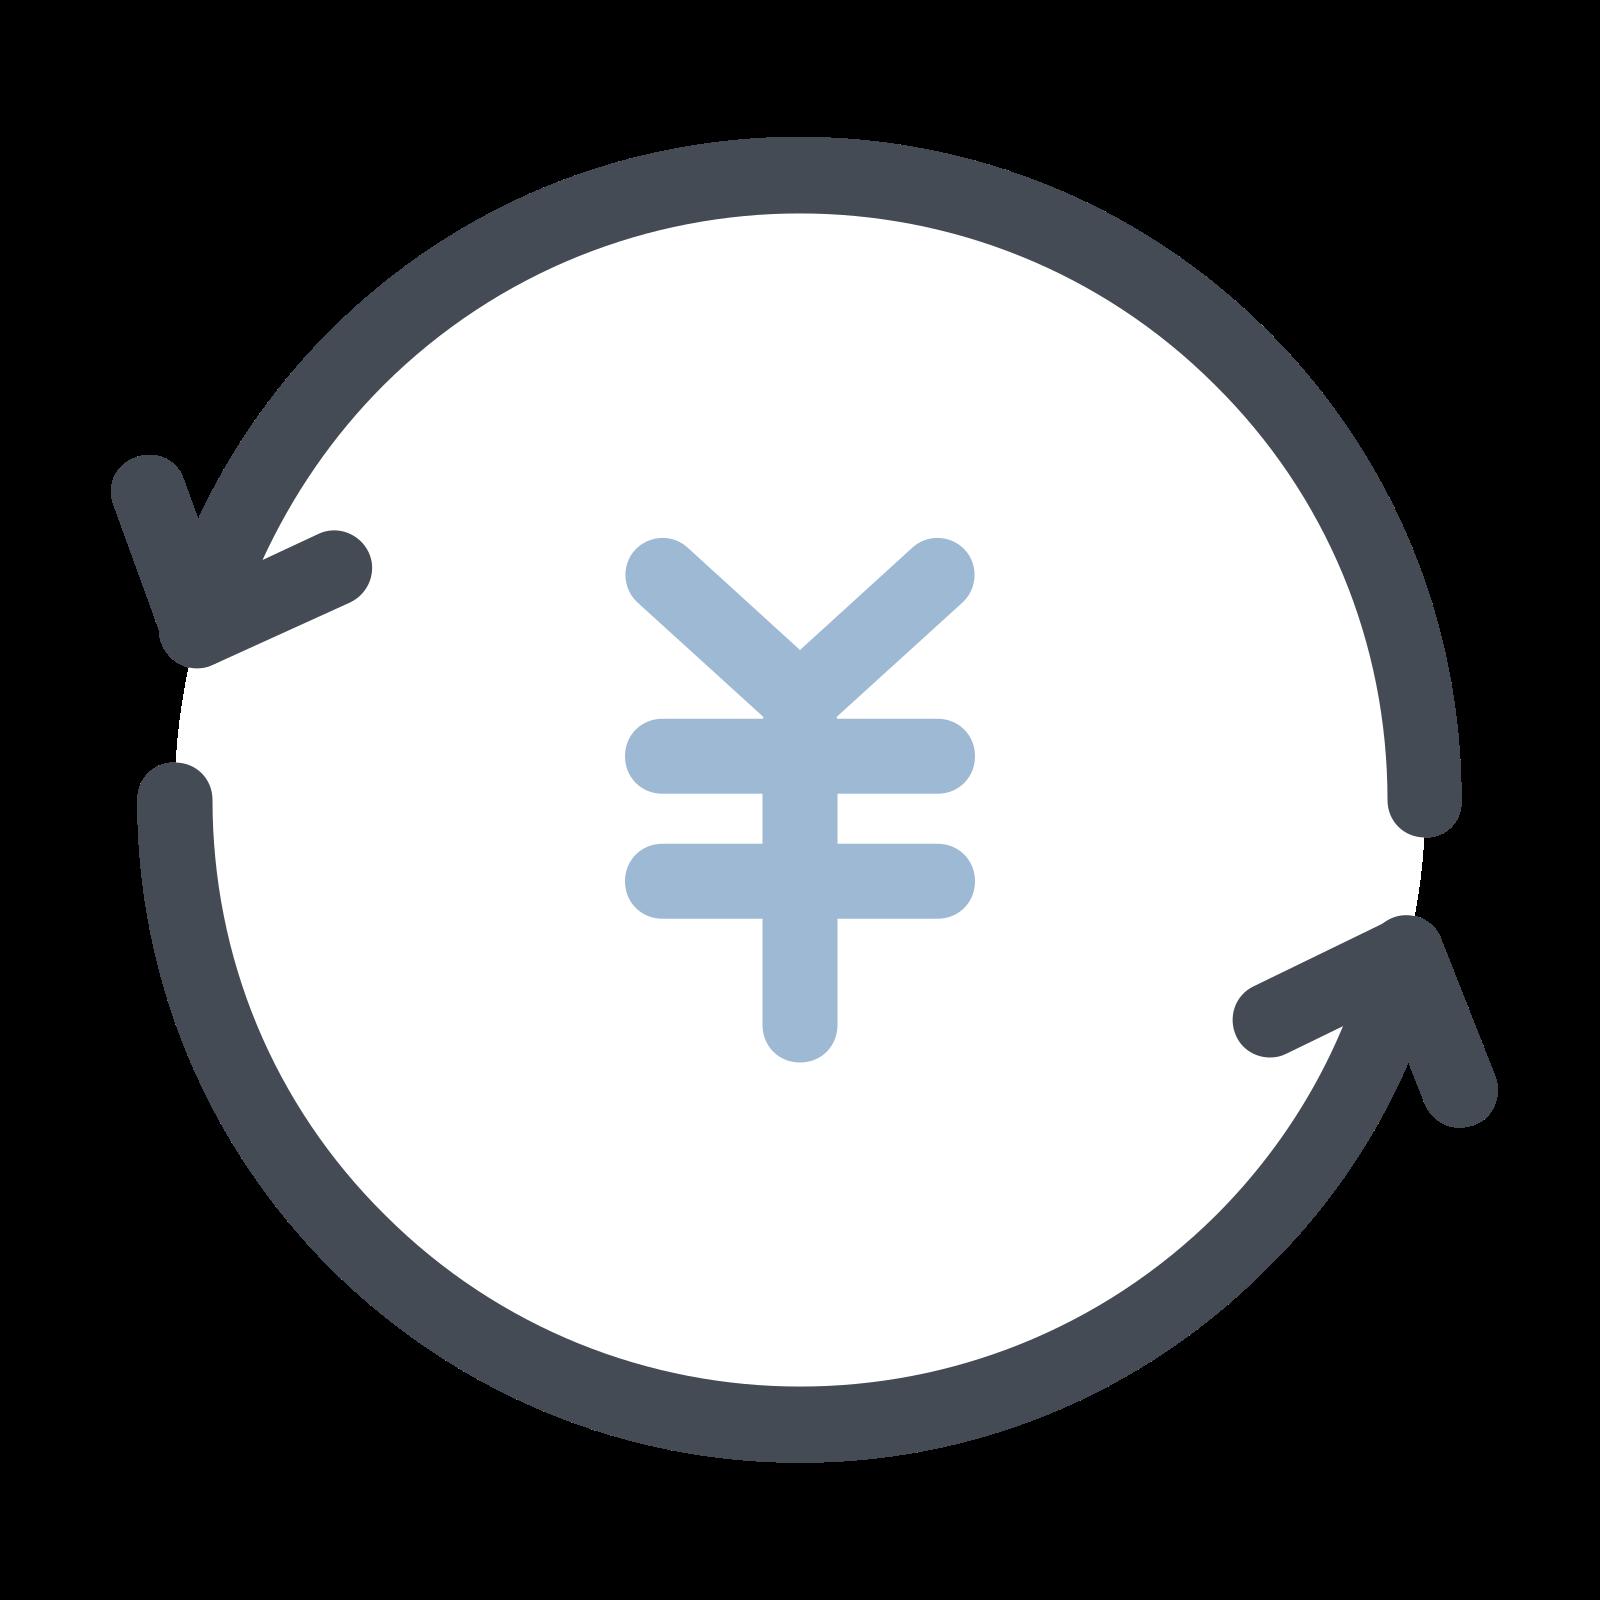 Exchange Yen icon